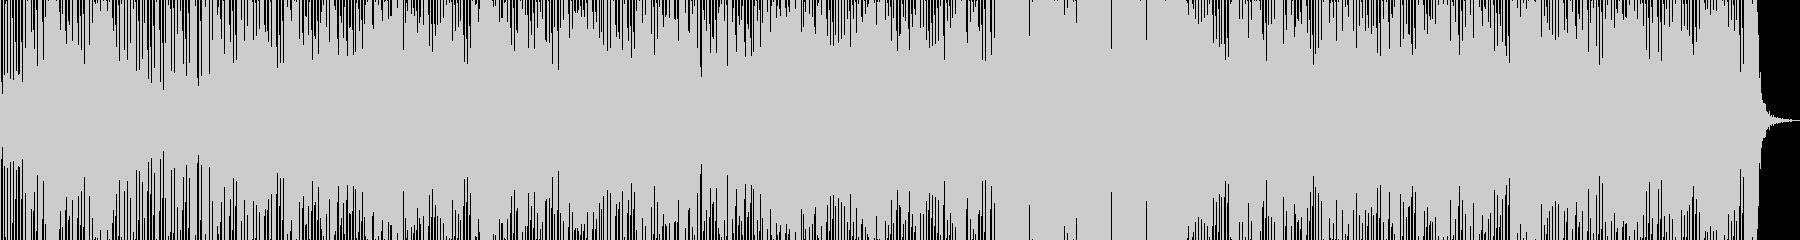 ミディアムテンポのクラブ系サウンドの未再生の波形